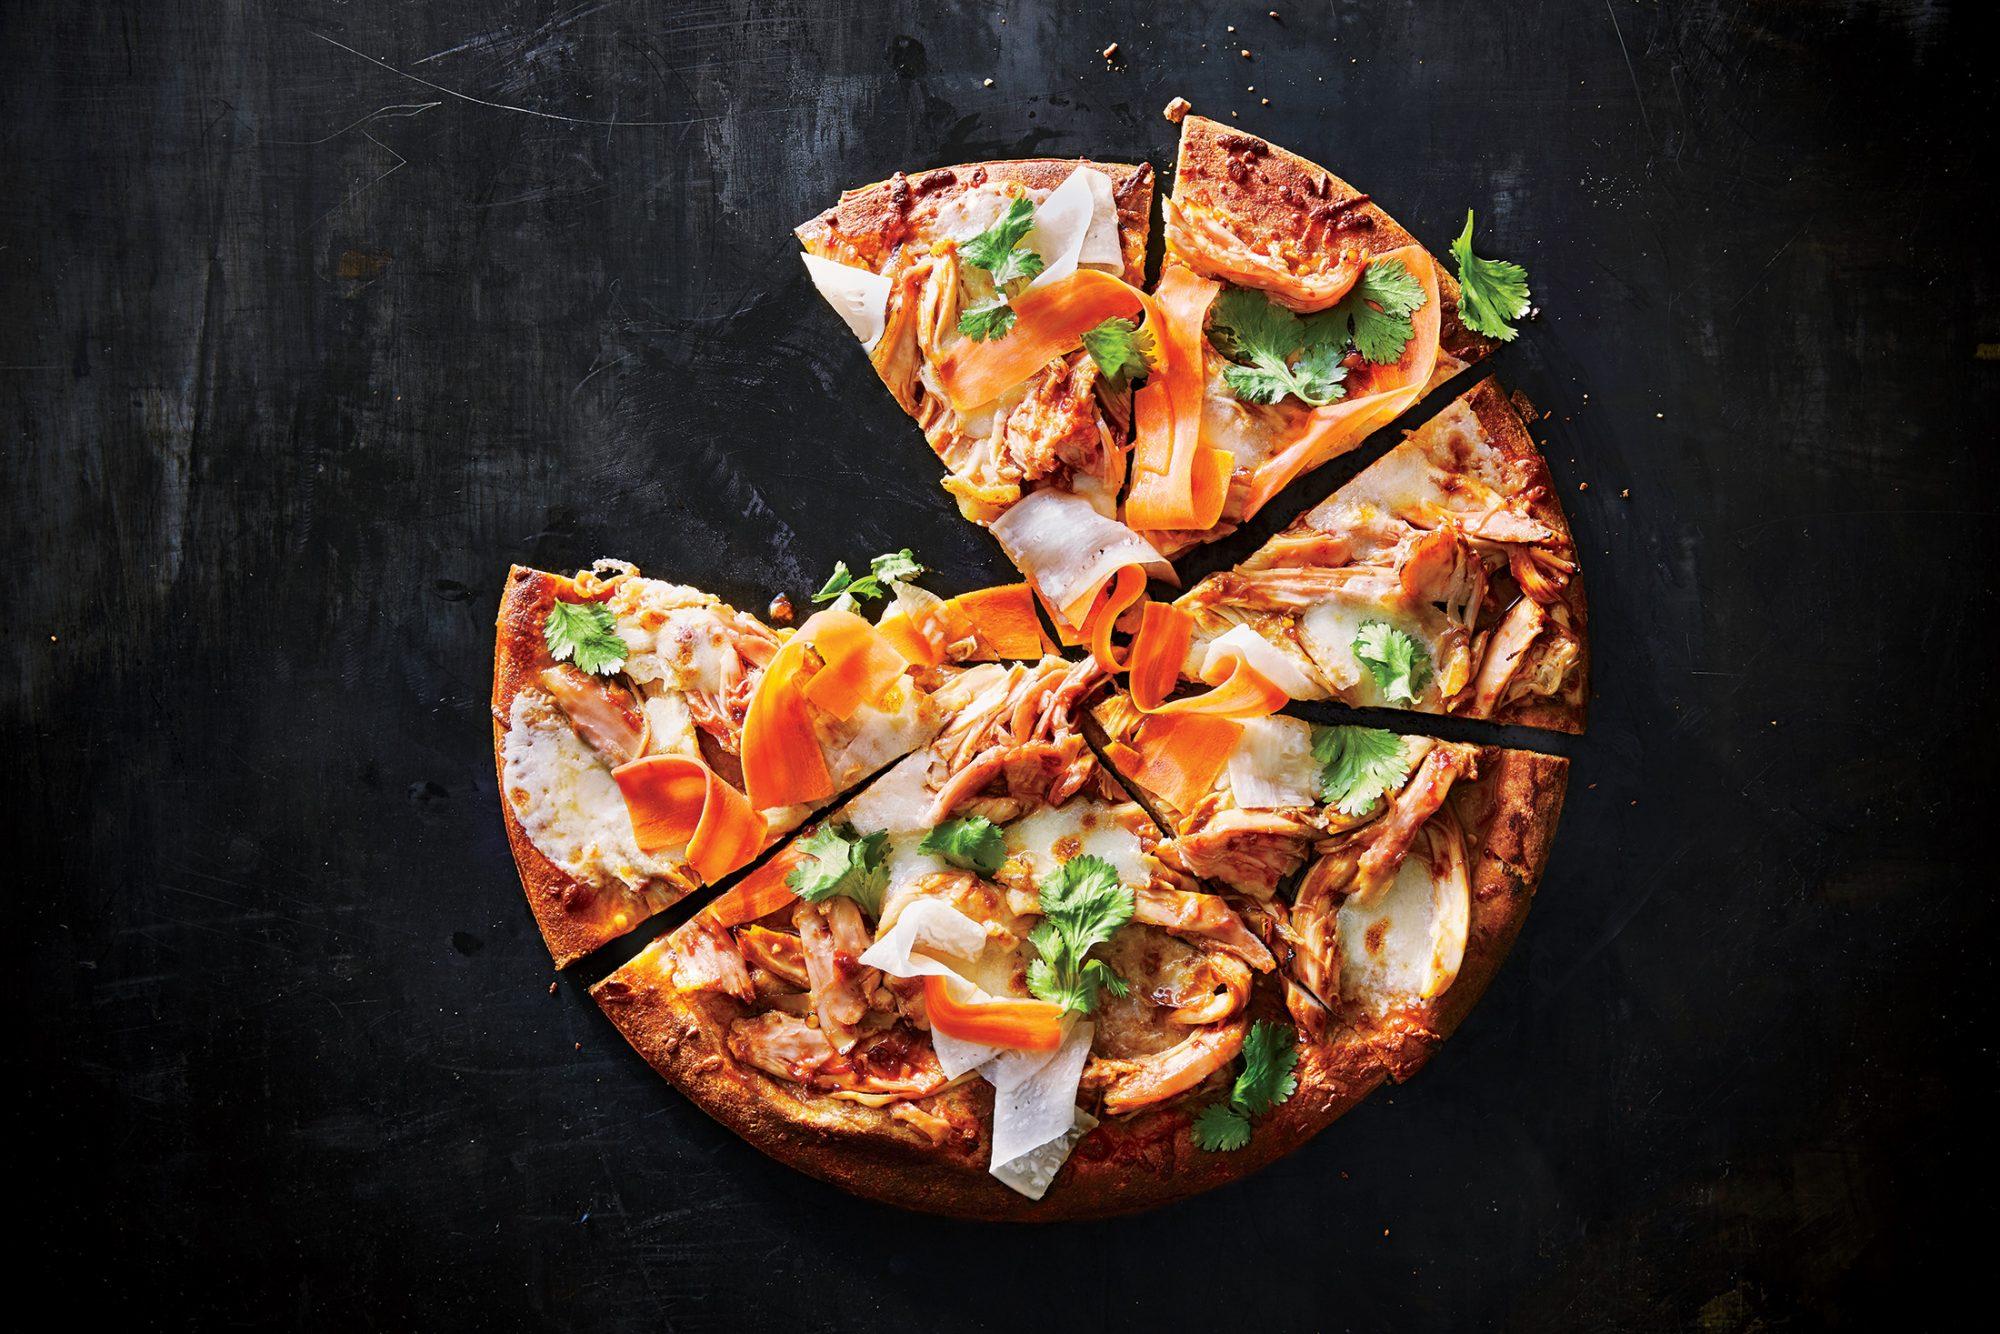 Korean Barbecue Pizza